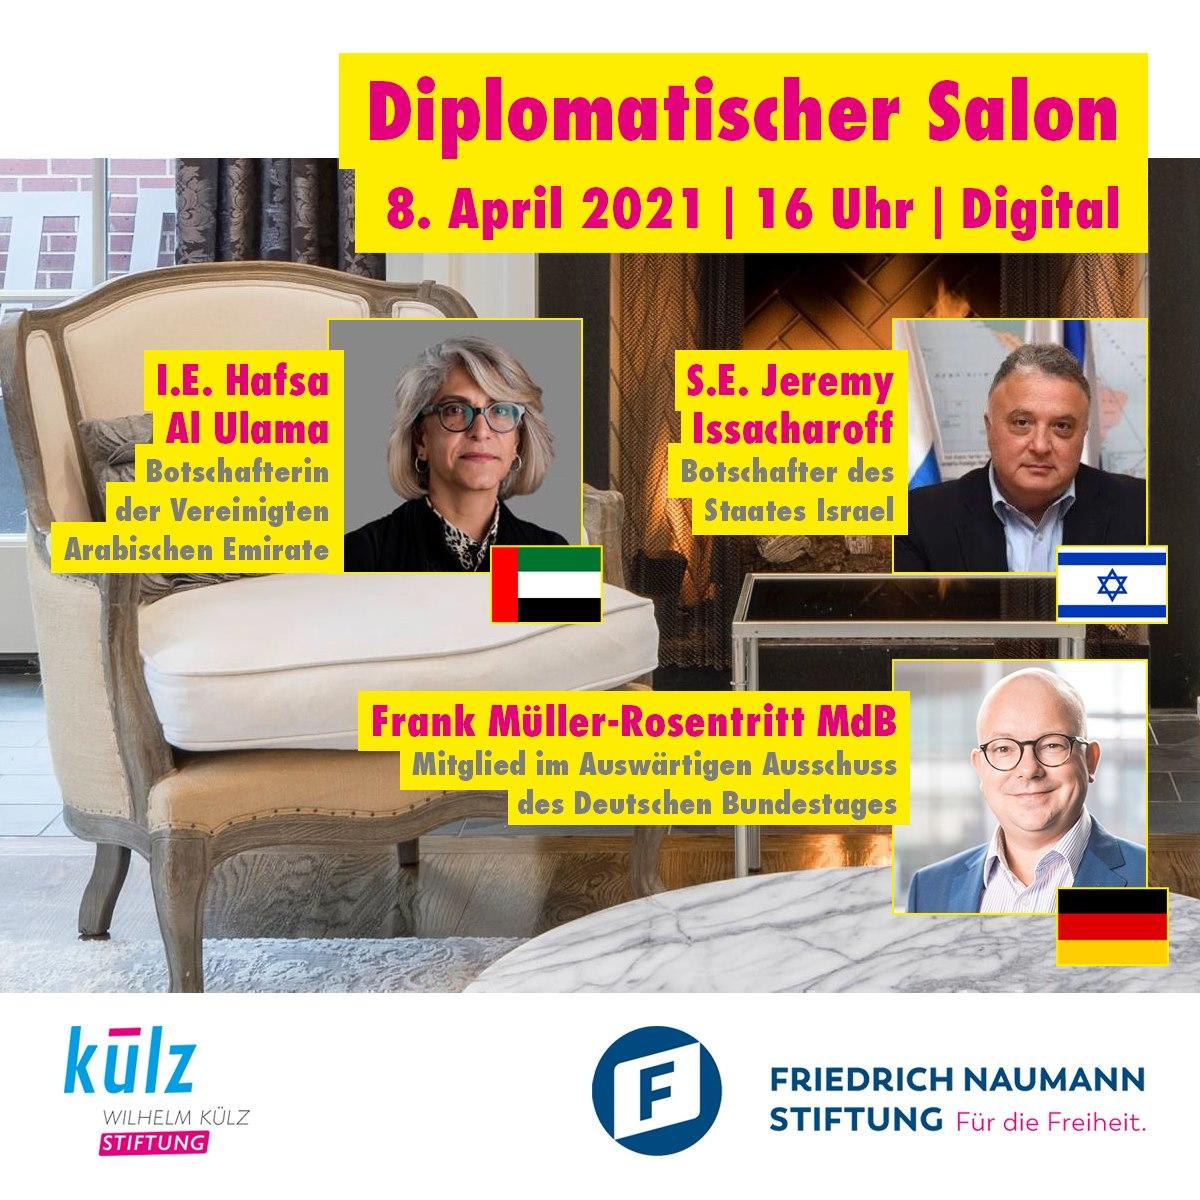 Diplomatischer Salon: Aufbruch im Nahen Osten? mit I.E. Hafsa Al Ulama, S.E. Jeremy Issacharoff und Frank Müller-Rosentritt MdB